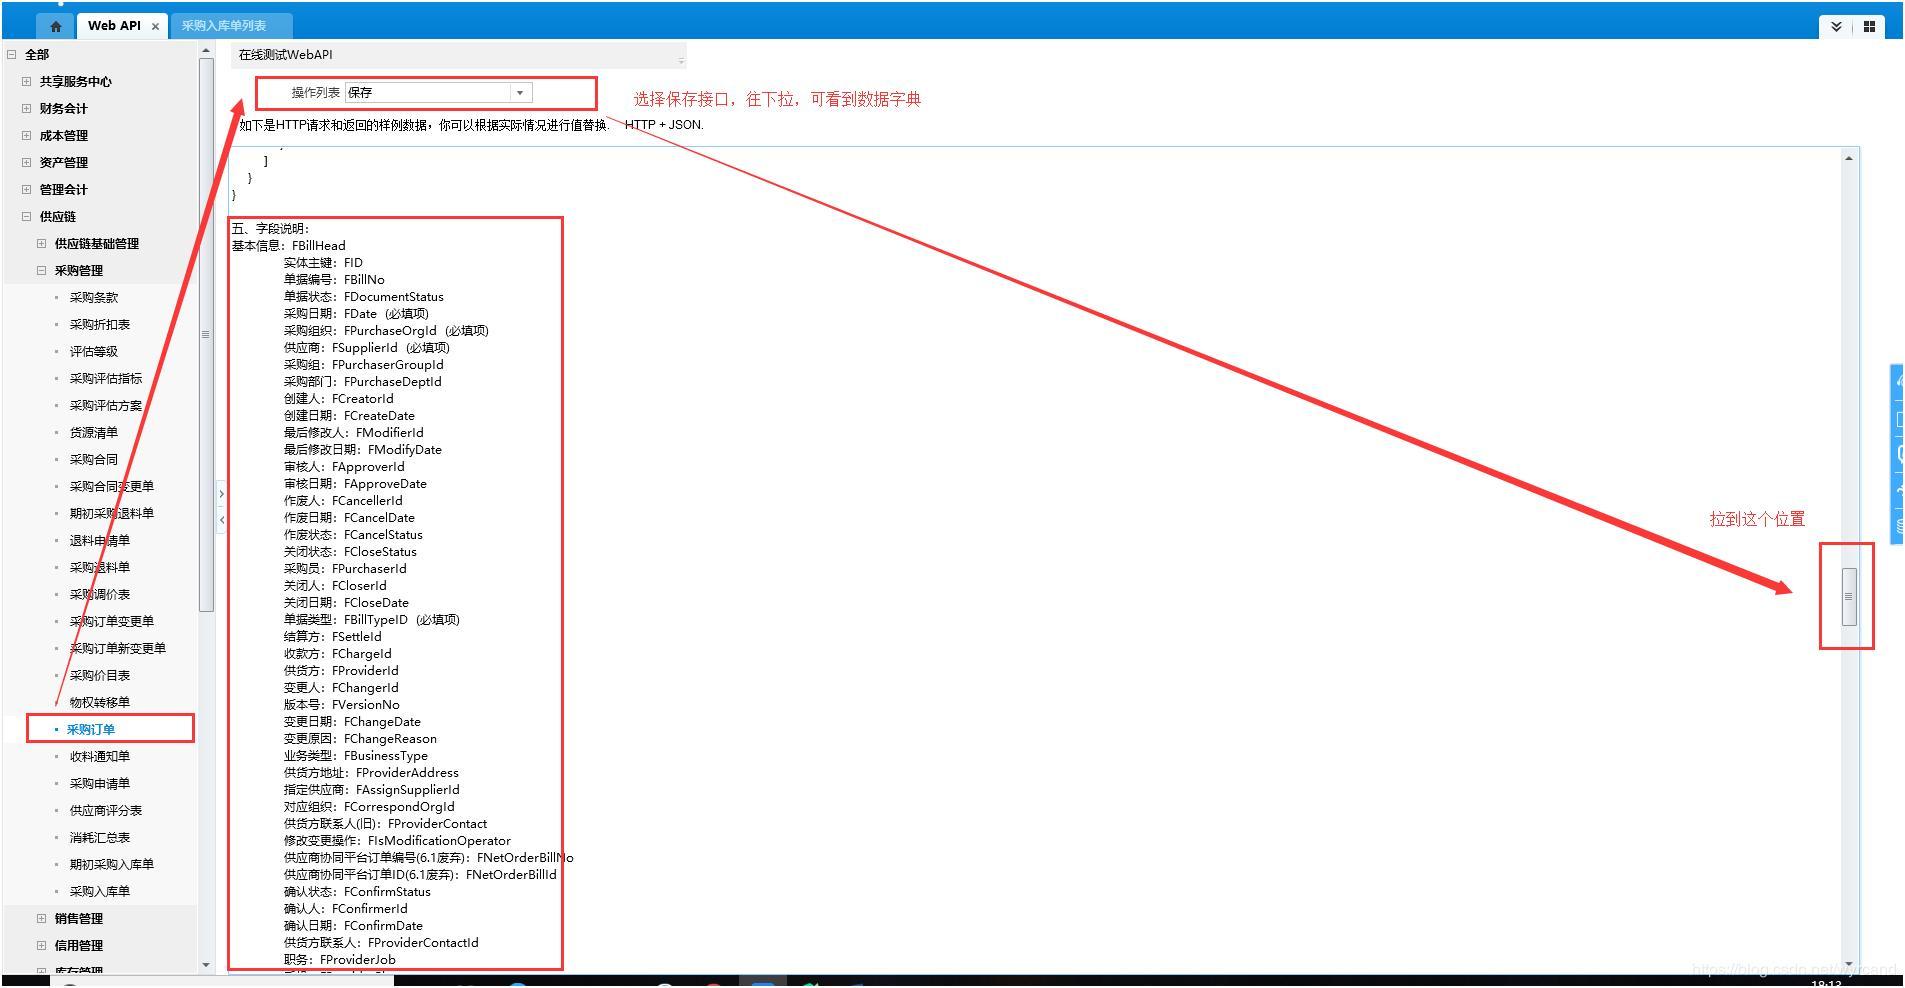 Python does the web API docking of Kingdee Cloud (K3Cloud